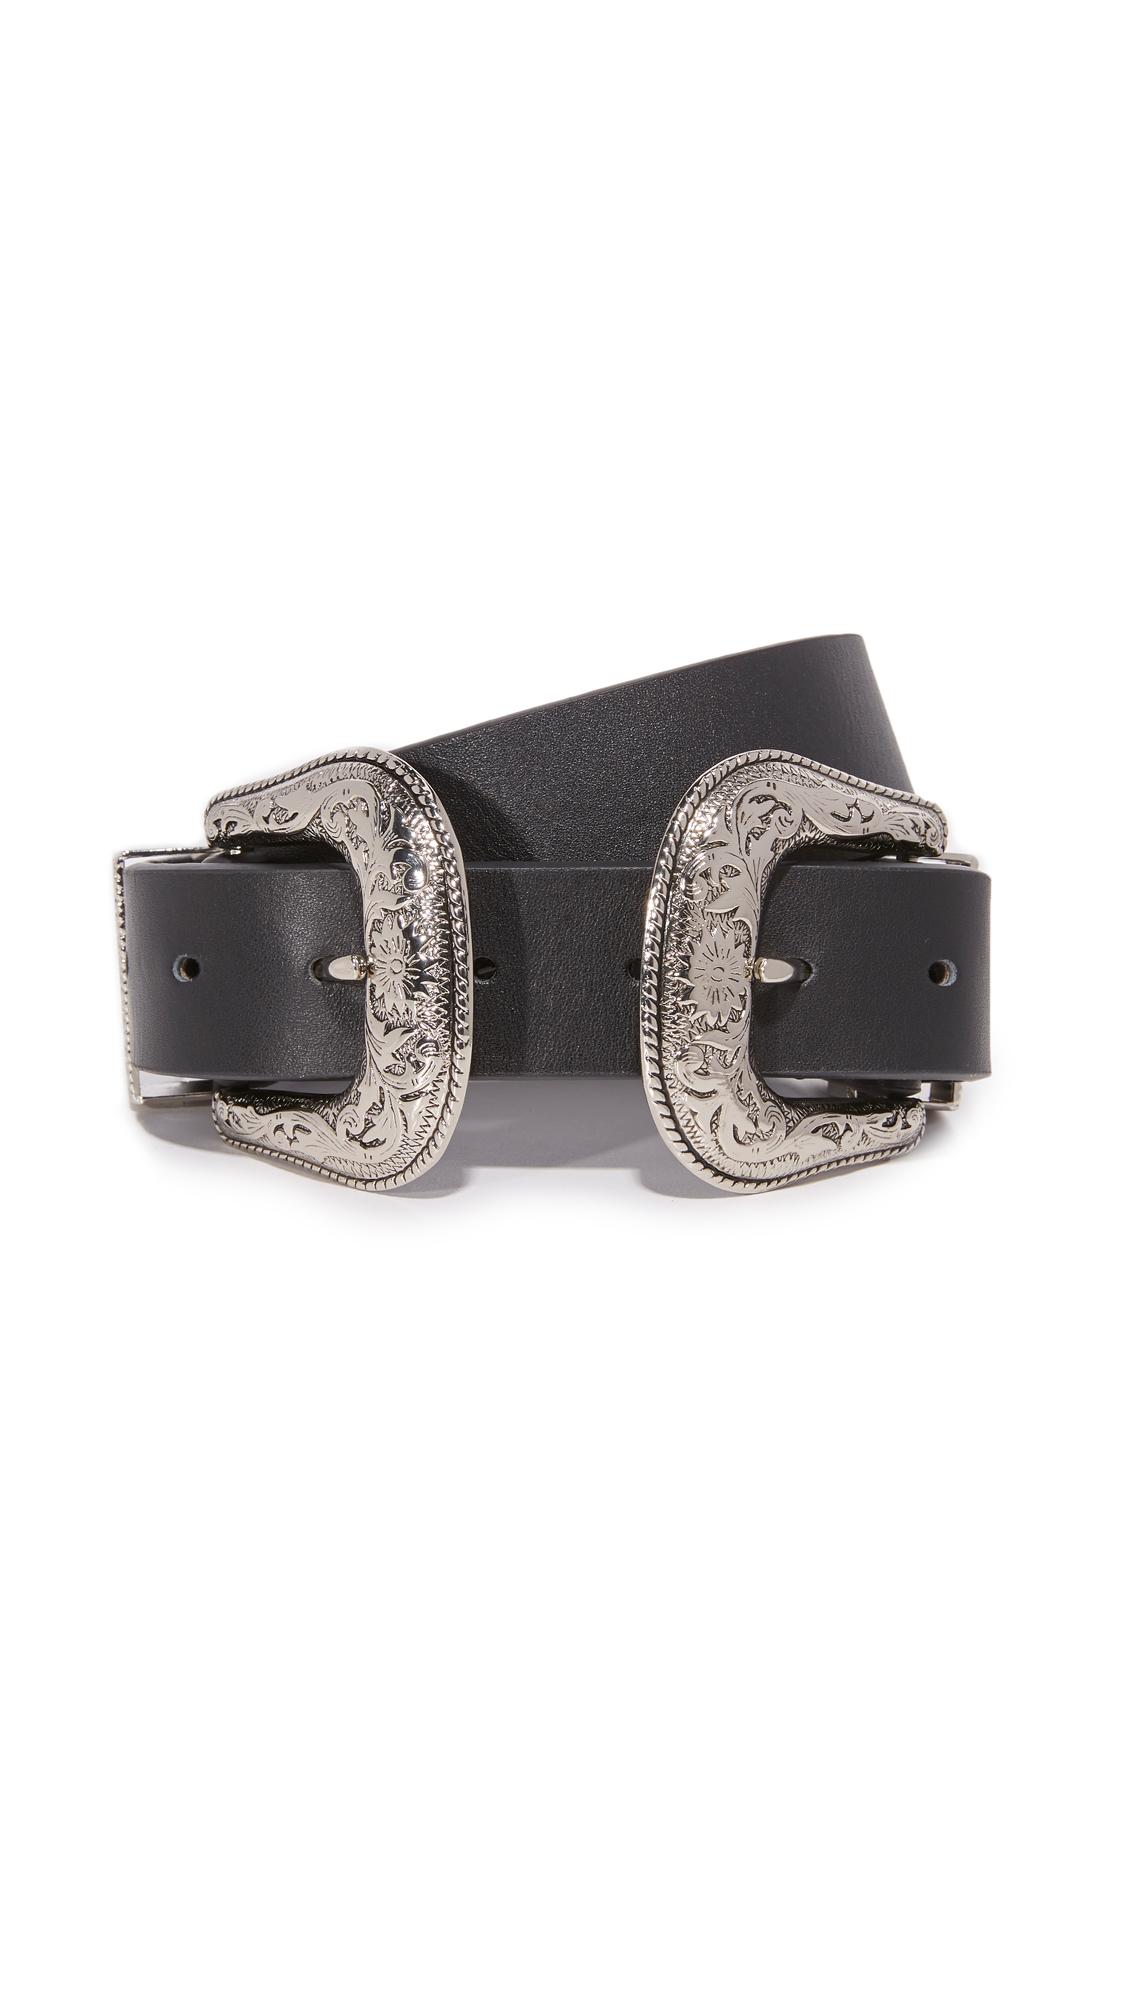 B-Low The Belt Bri Bri Belt - Black/Silver